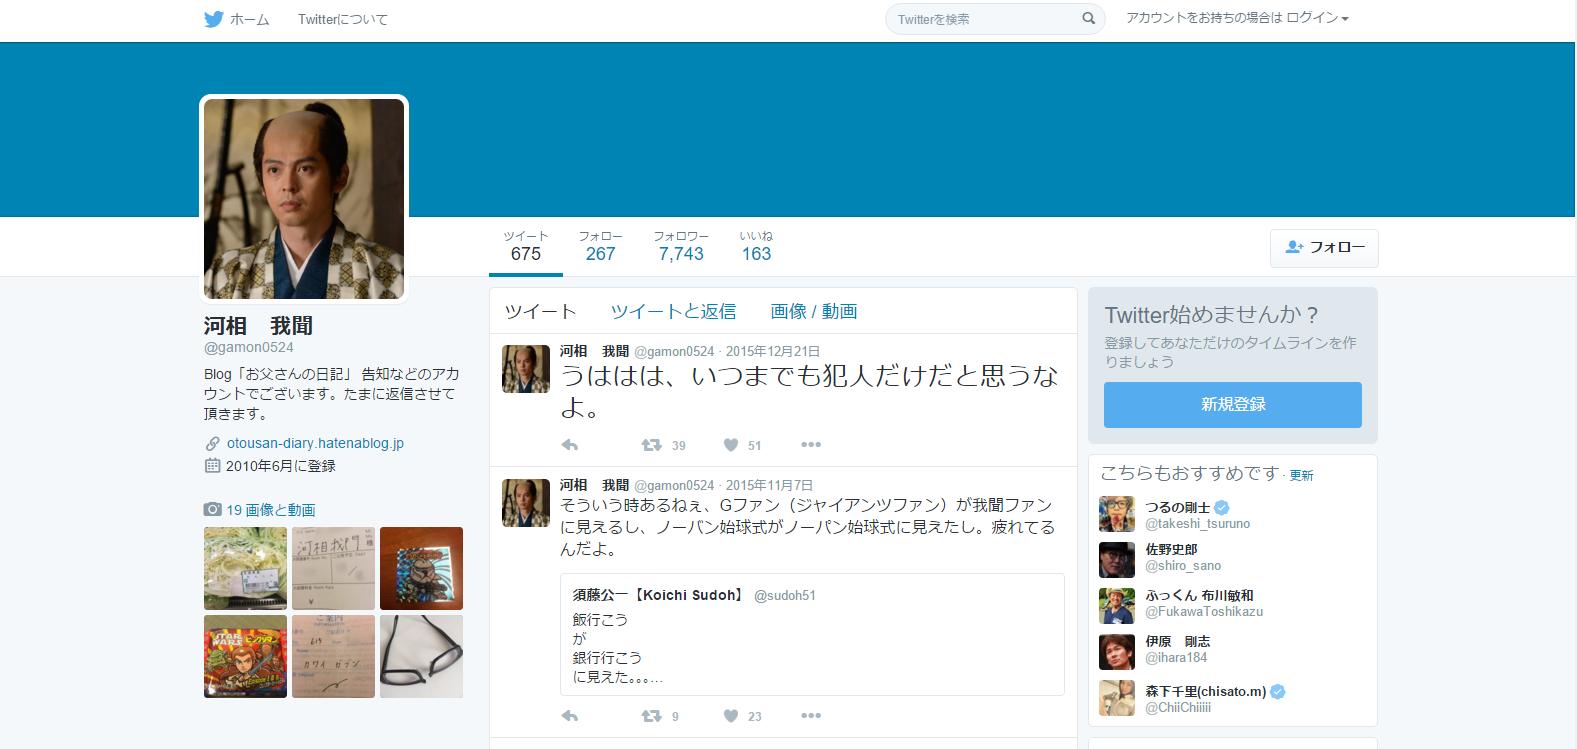 https://twitter.com/gamon0524より